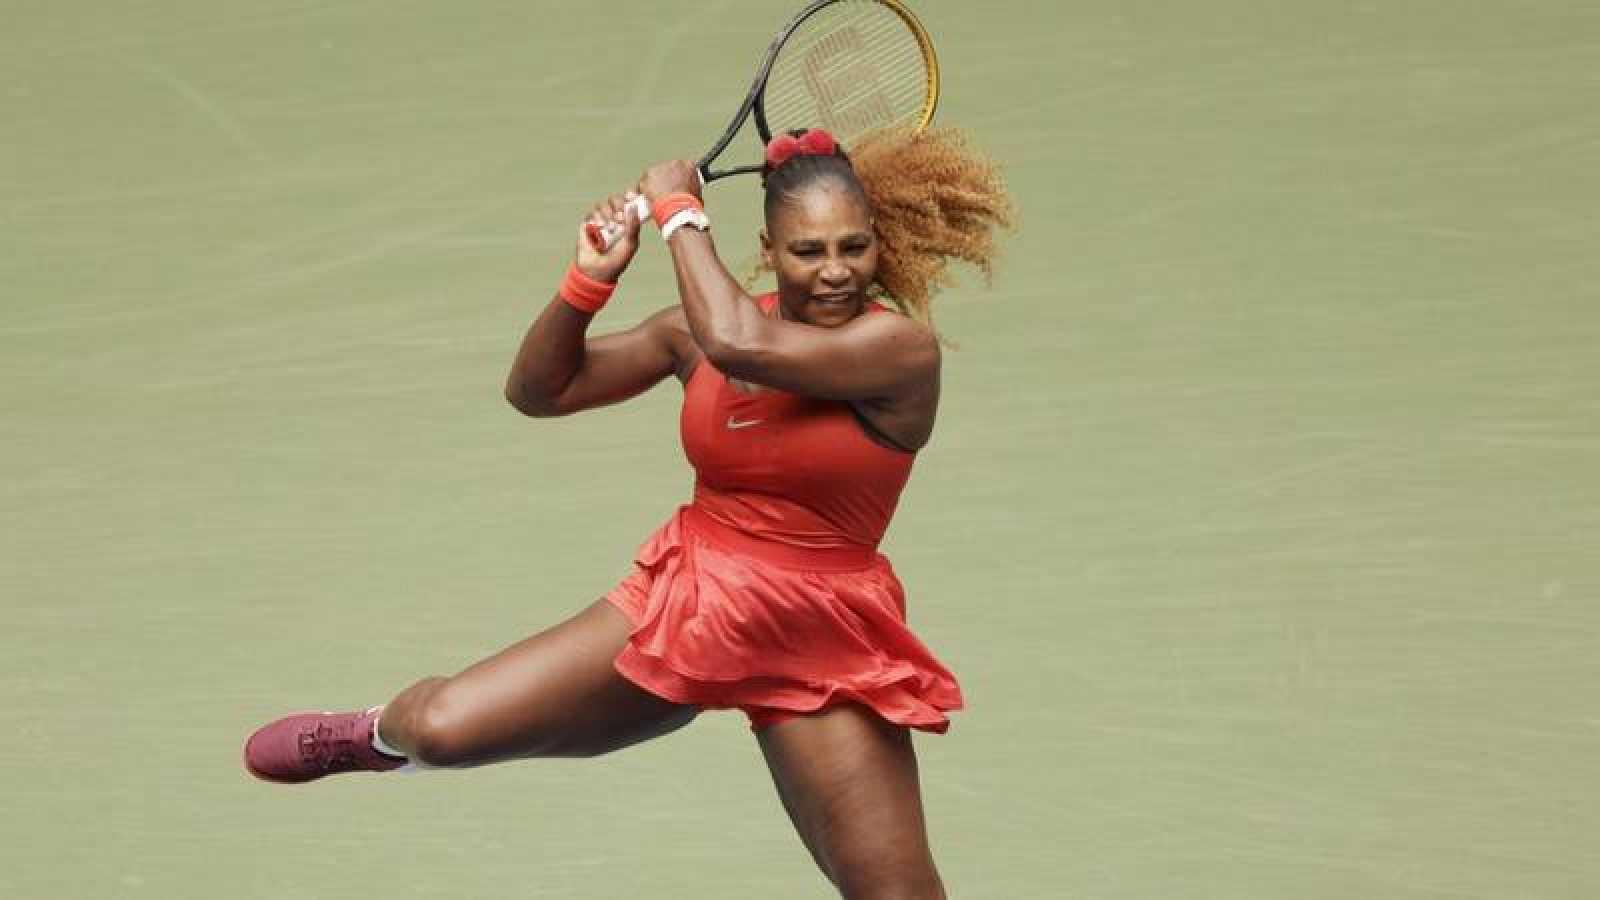 La tenista estadounidense Serena Williams golpea la bola en su partido ante Tsvetana Pironkova en el US Open.